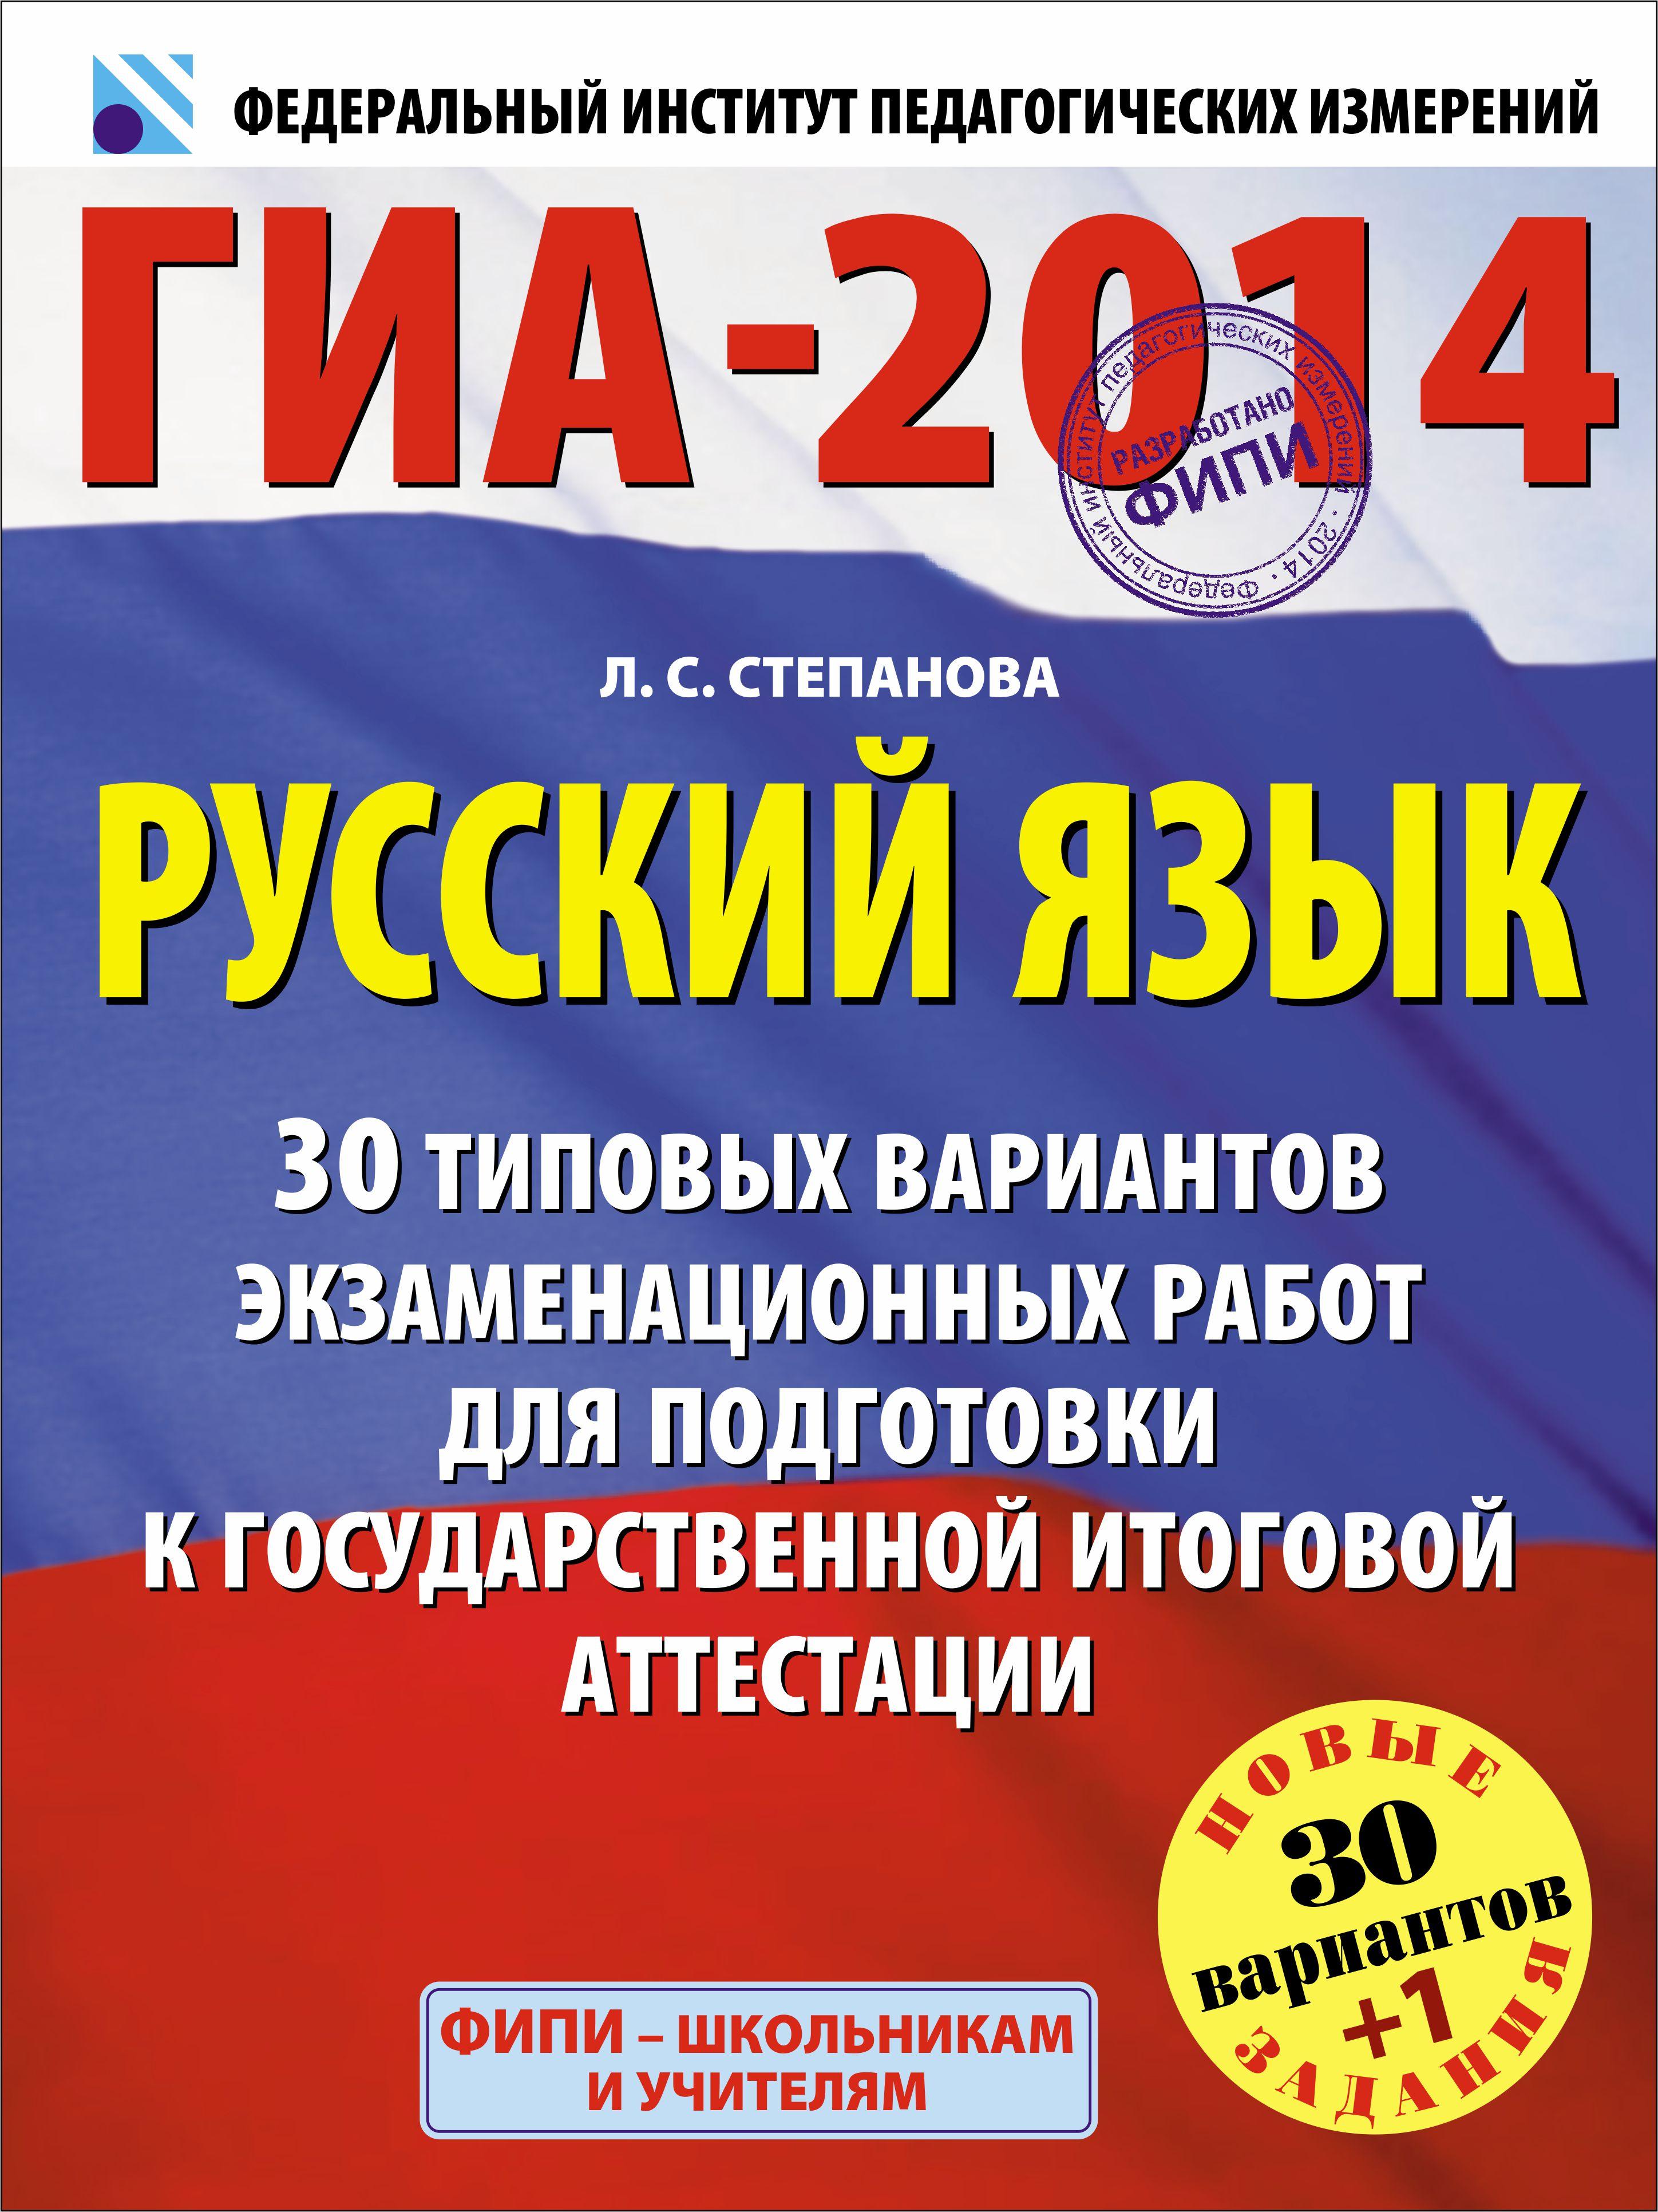 ГИА-2014. Русский язык. 30+1 типовых вариантов экзаменационных работ для подготовки к государственной итоговой аттестации